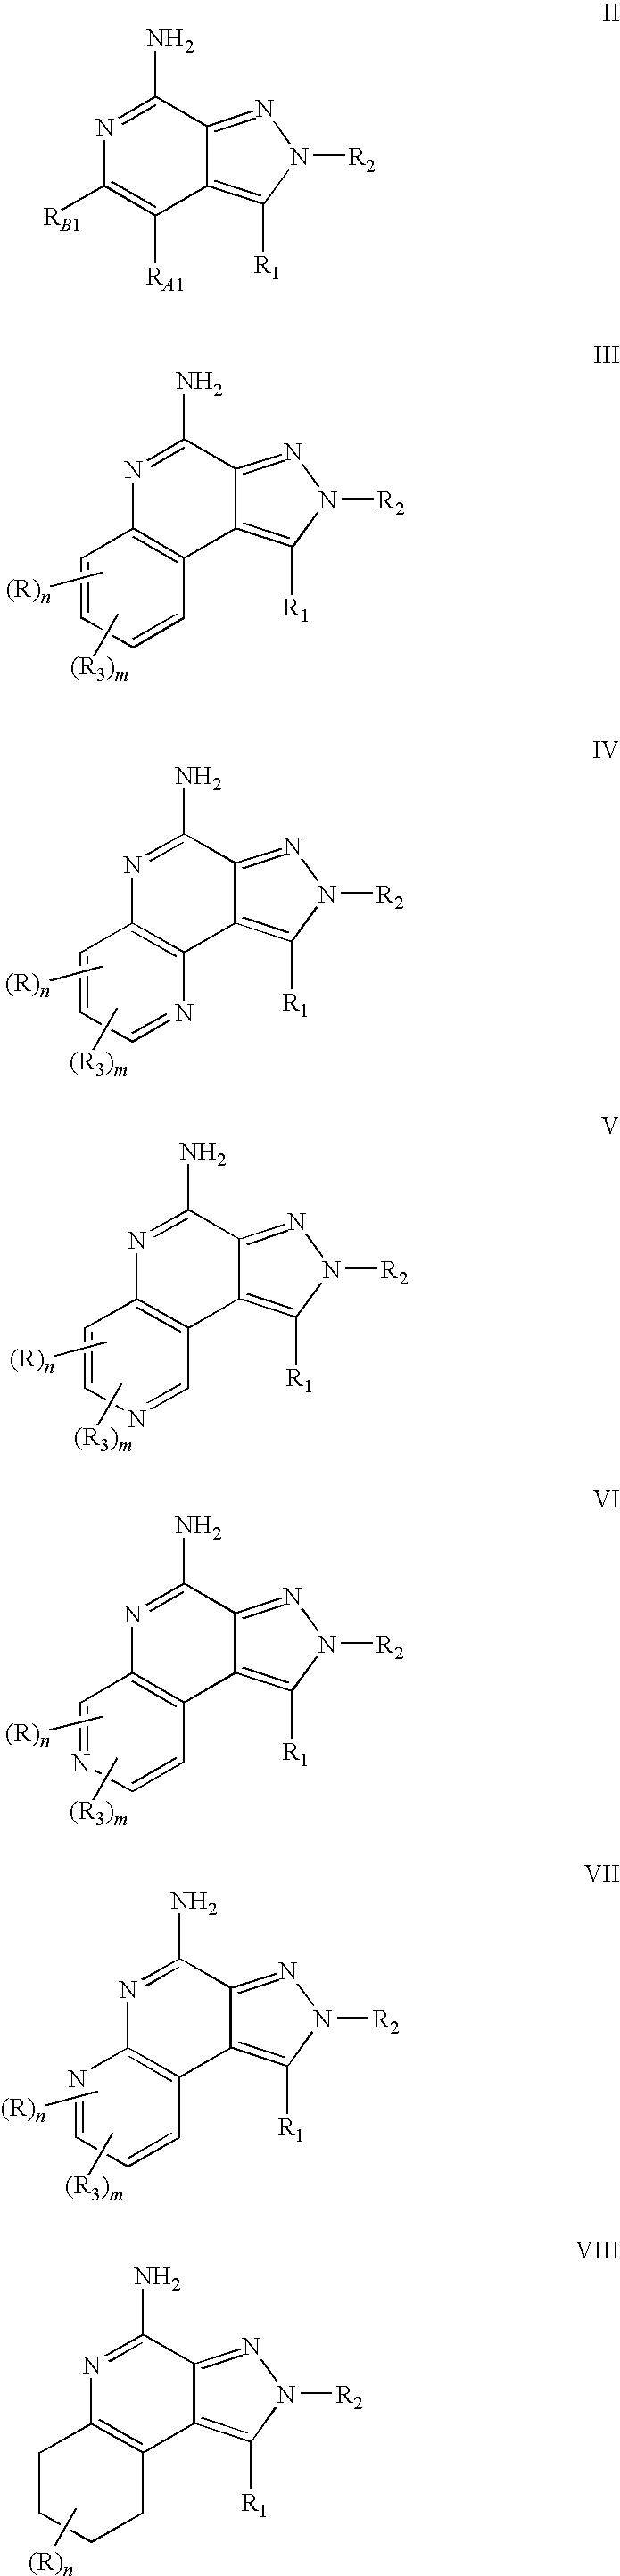 Figure US07879849-20110201-C00002